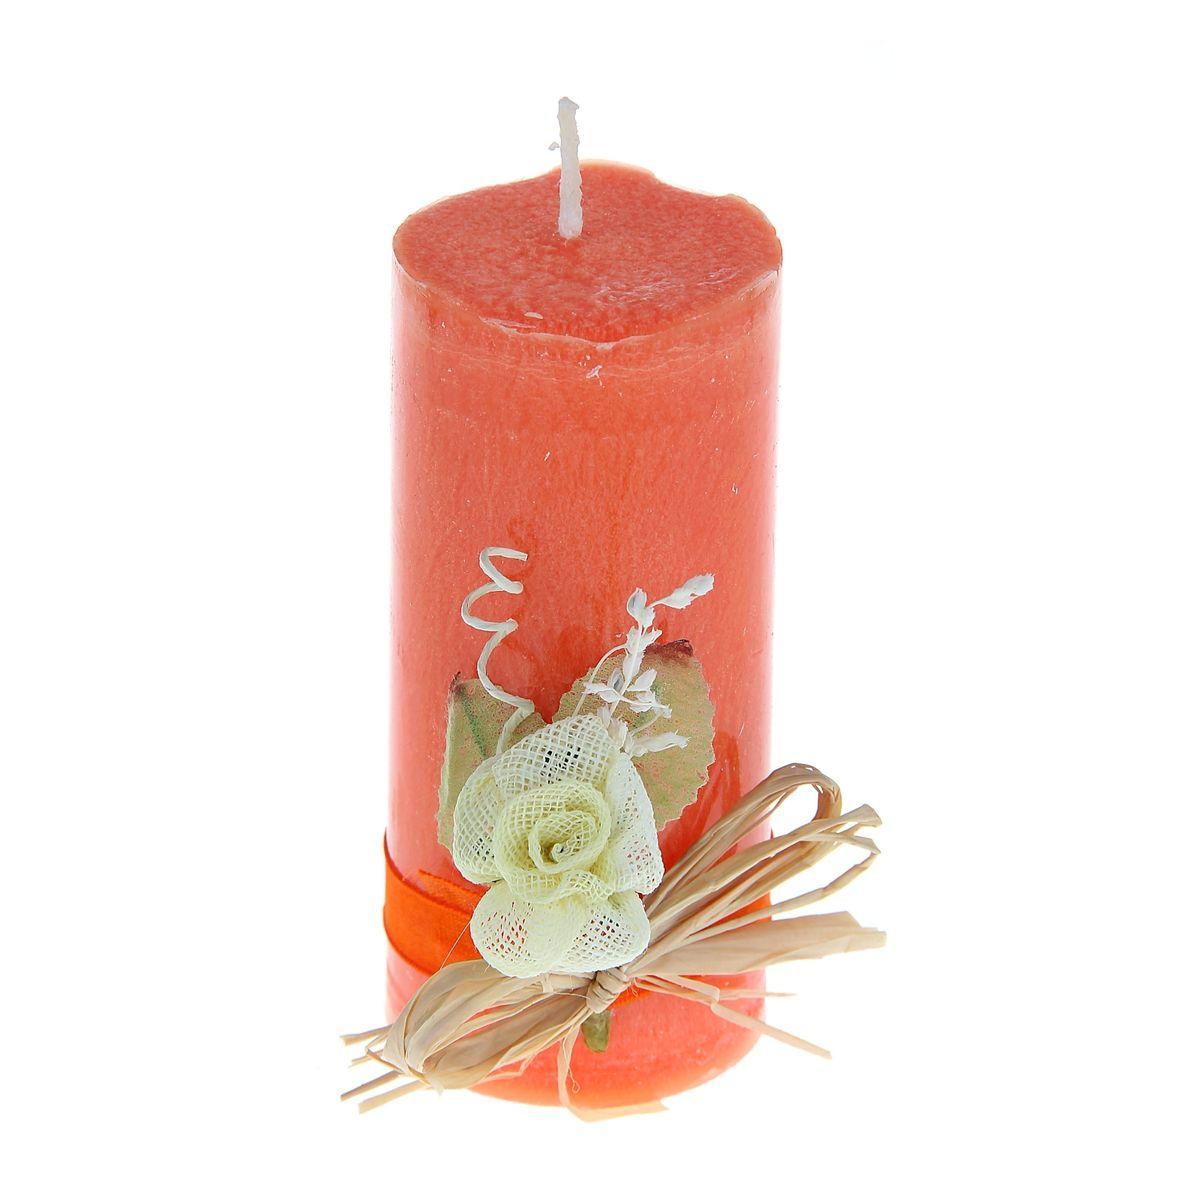 Свеча декоративная Sima-land Цветок, цвет: оранжевый, высота 10,5 см1030859Декоративная свеча Sima-land Цветок изготовлена из воска и оформлена декоративной цветочной композицией. Такая свеча может стать отличным подарком или дополнить интерьер вашей комнаты.